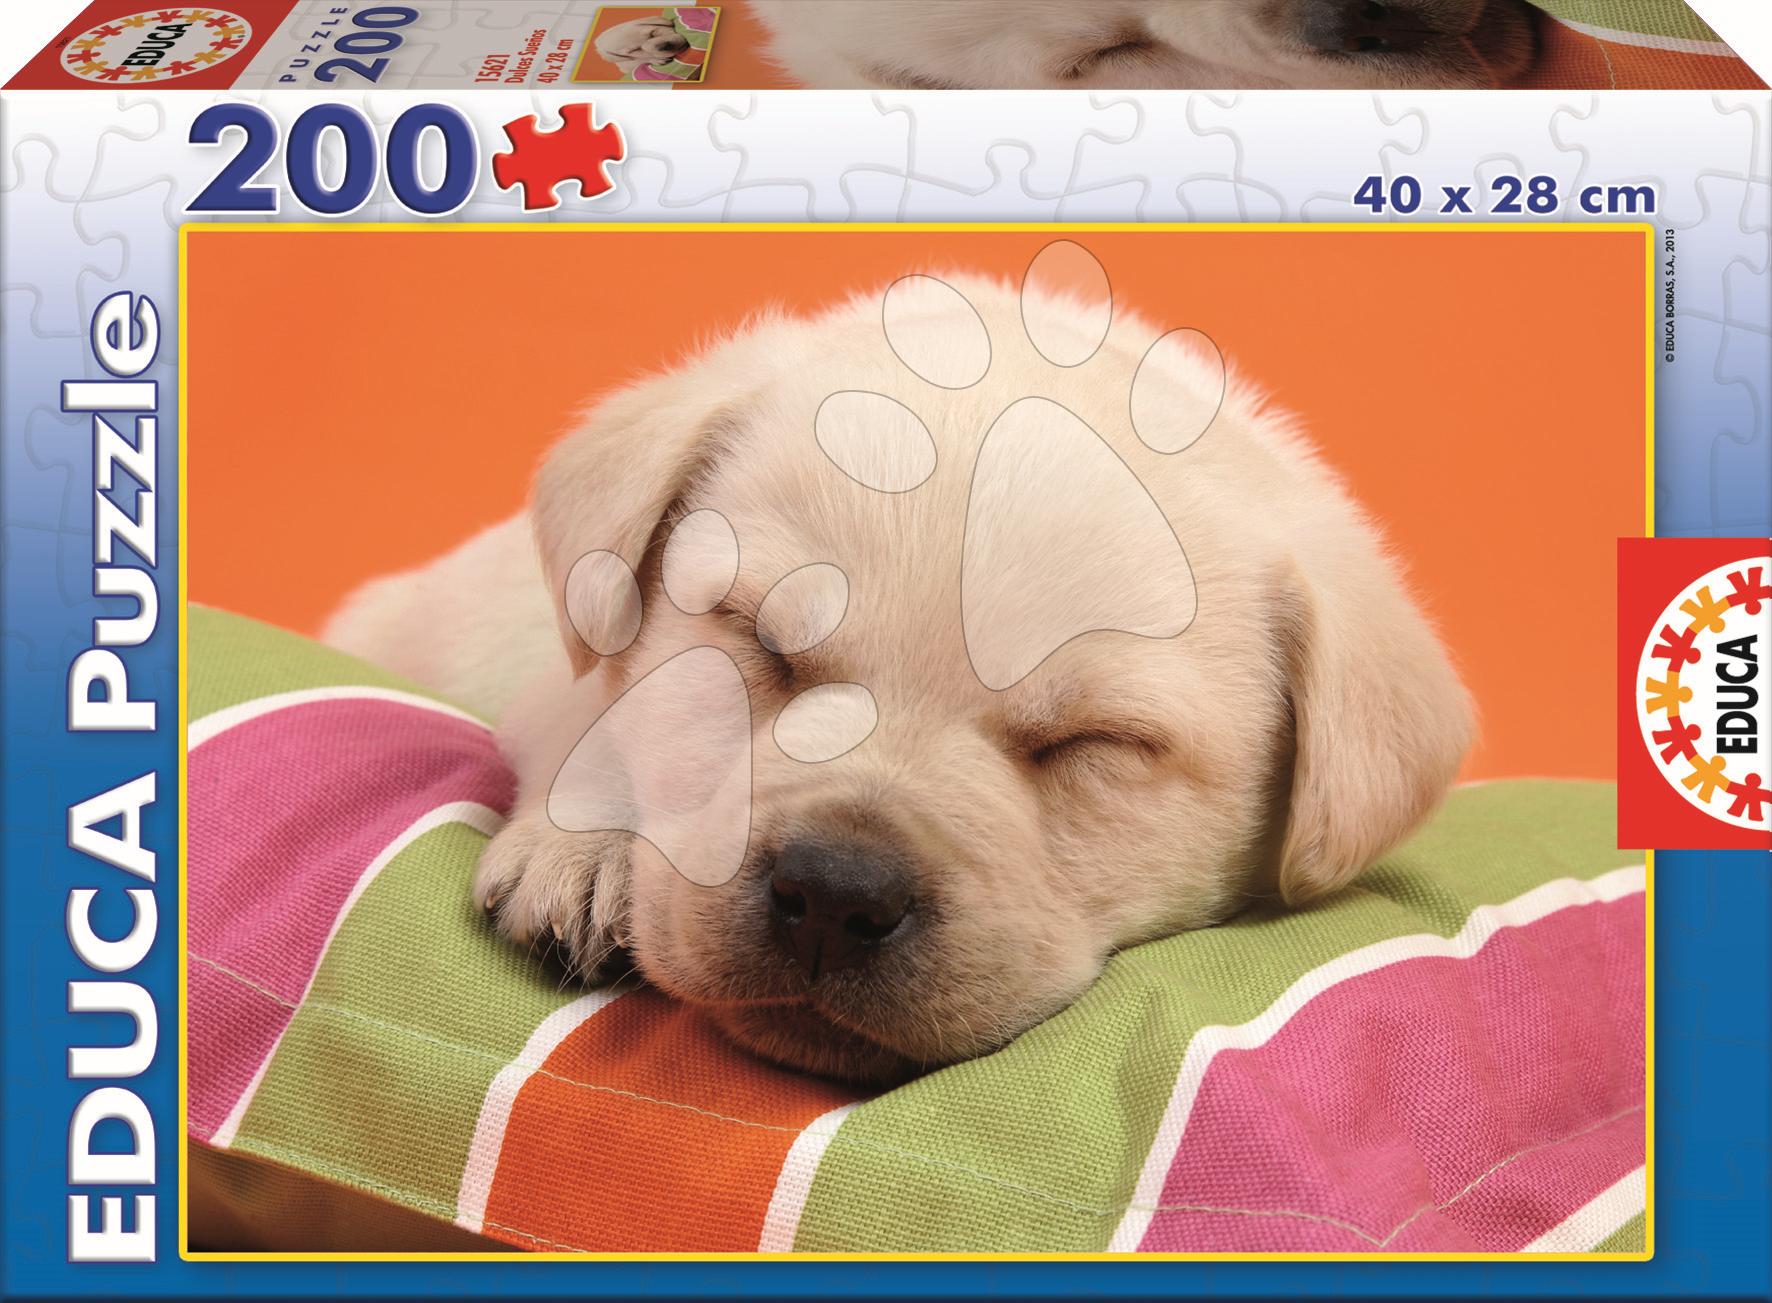 Puzzle Junior Sladké sny Educa 200 dielov od 6 rokov